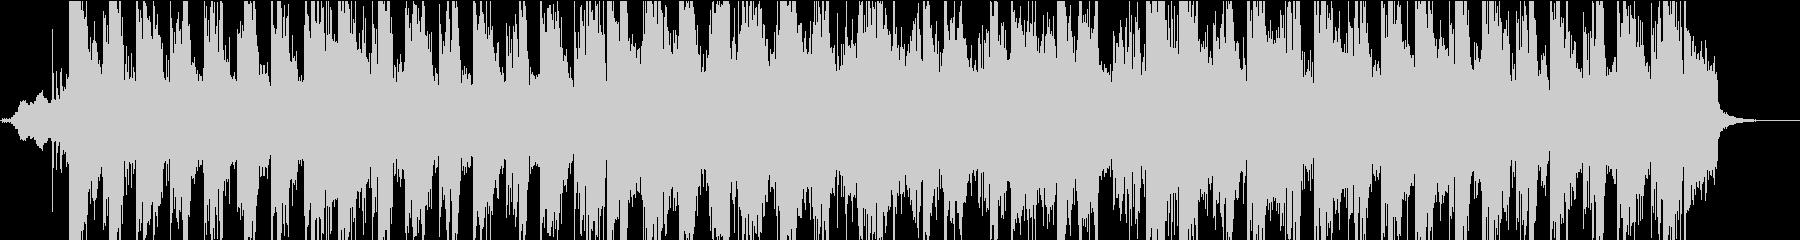 ストリングスのポップなテクノの未再生の波形